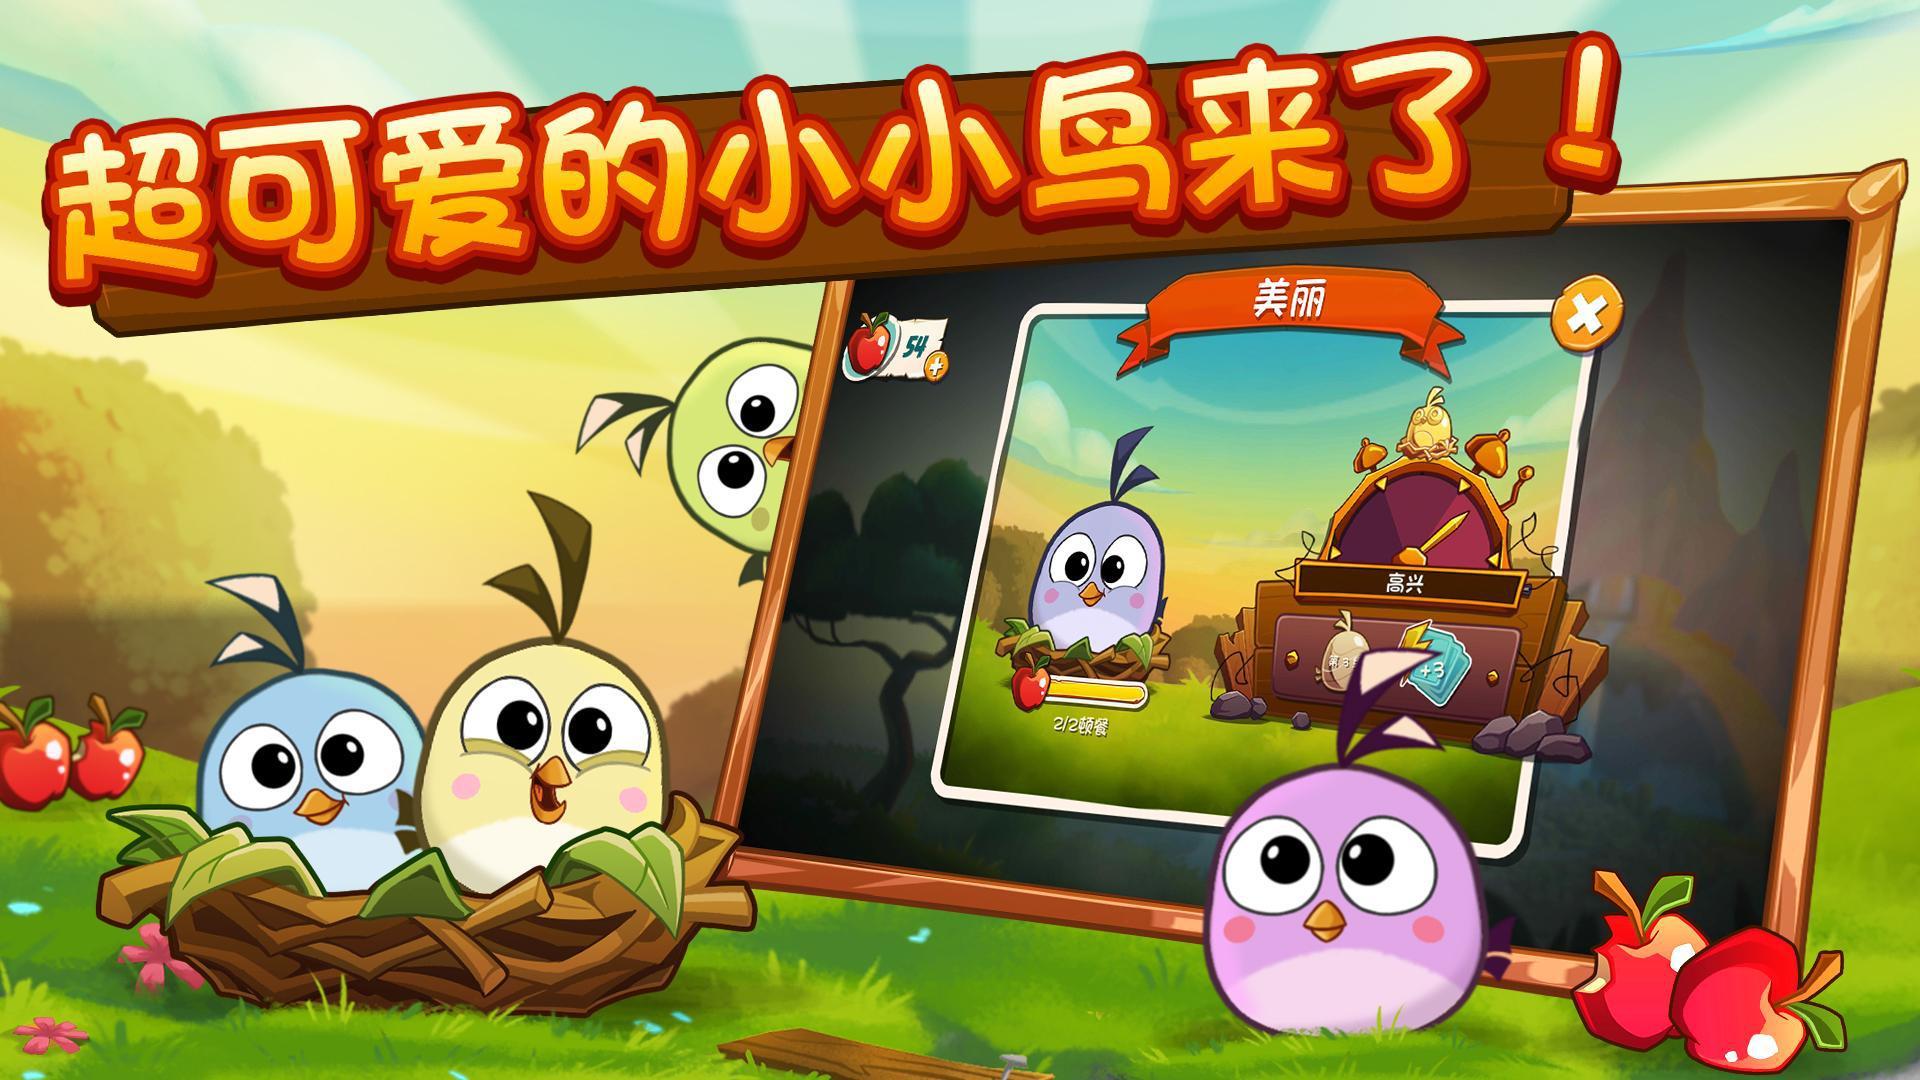 愤怒的小鸟 2 游戏截图2